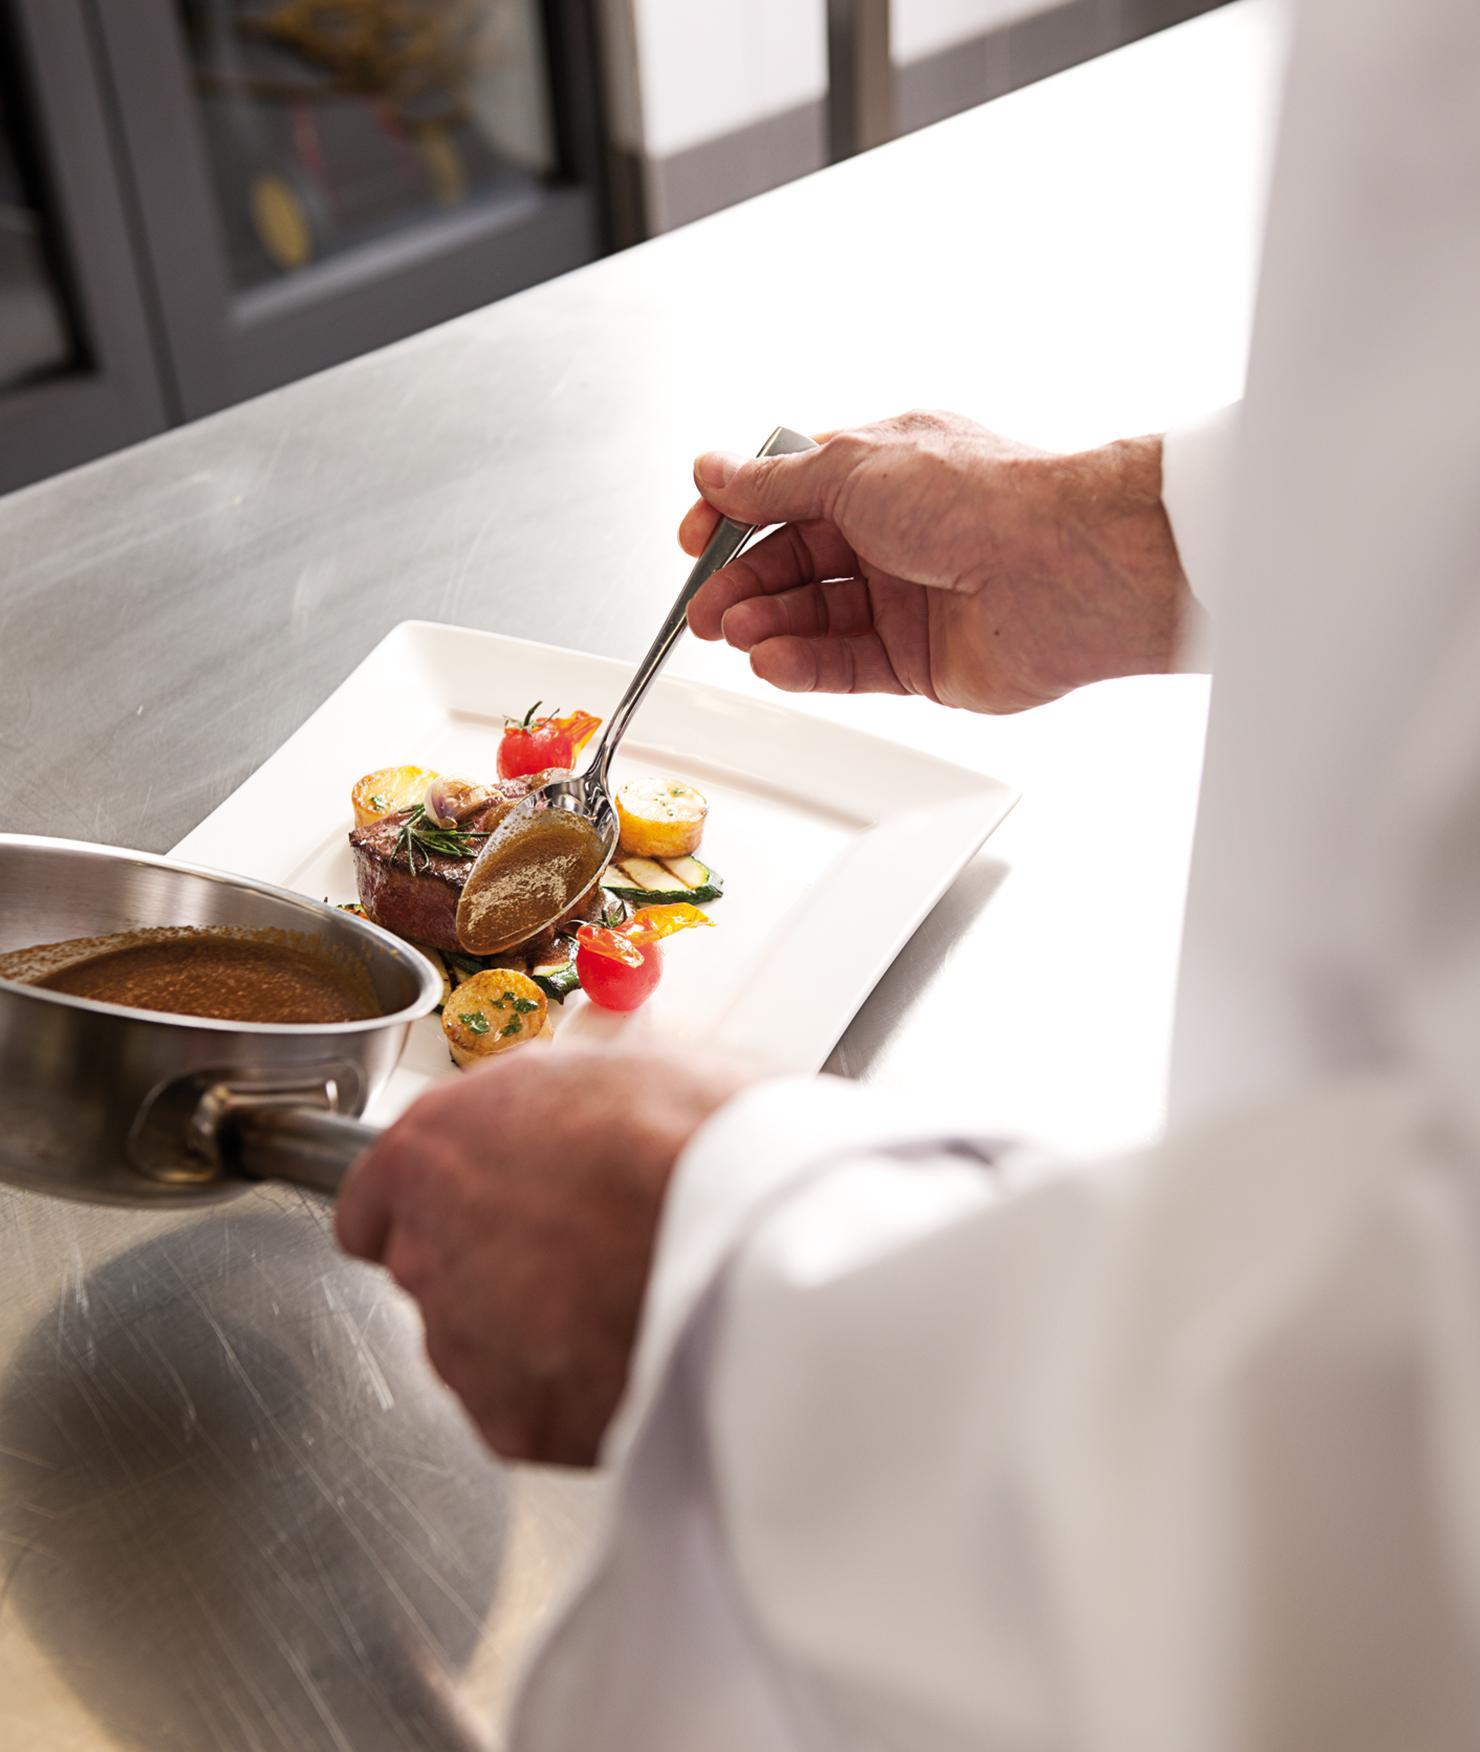 BRITA gehobene Küche dampfgaren Speisen